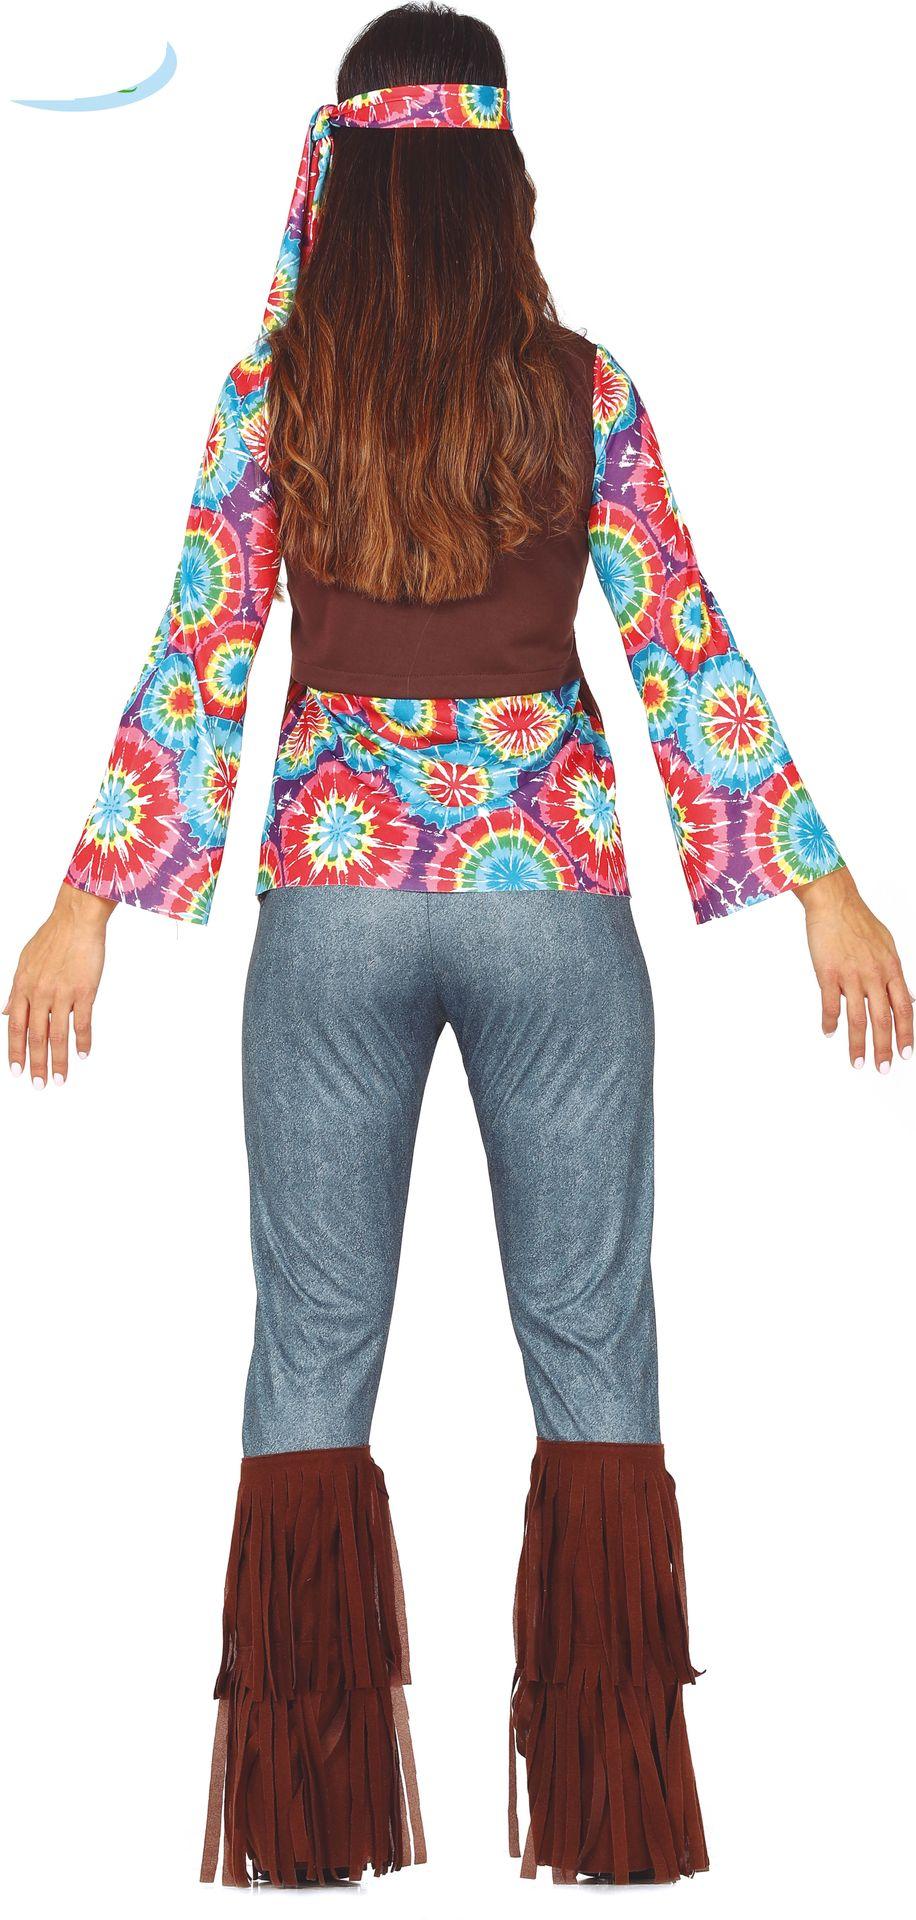 Hippie outfit met sliertjes